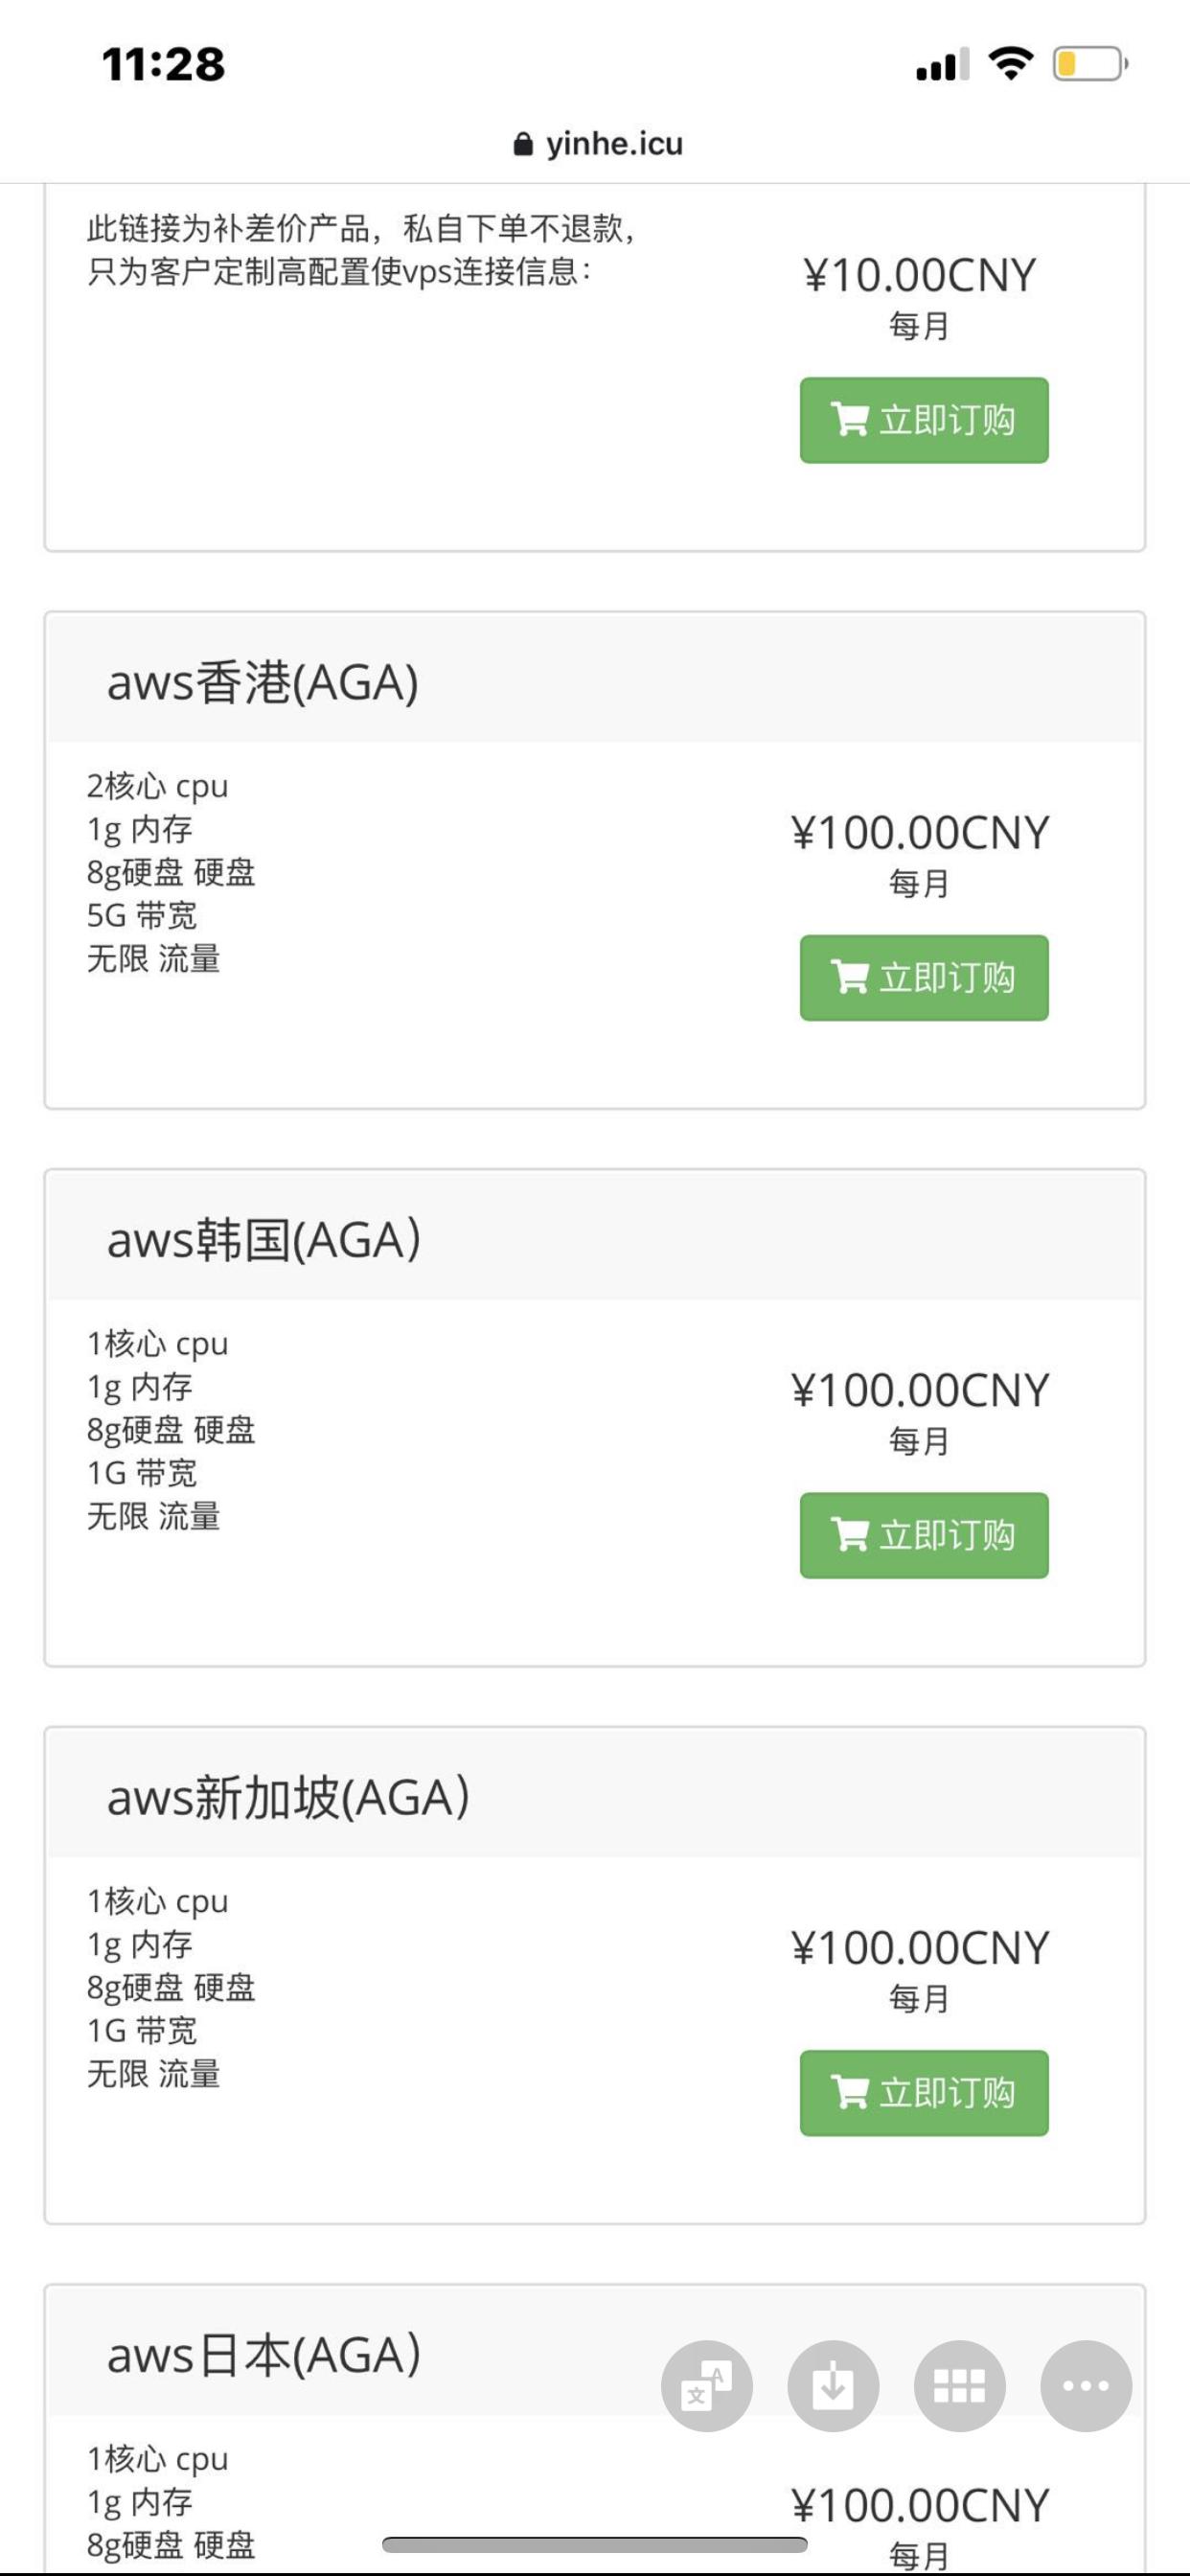 淘宝卖的AWS 1G带宽 无限流量 月付100会跑路吗-图2